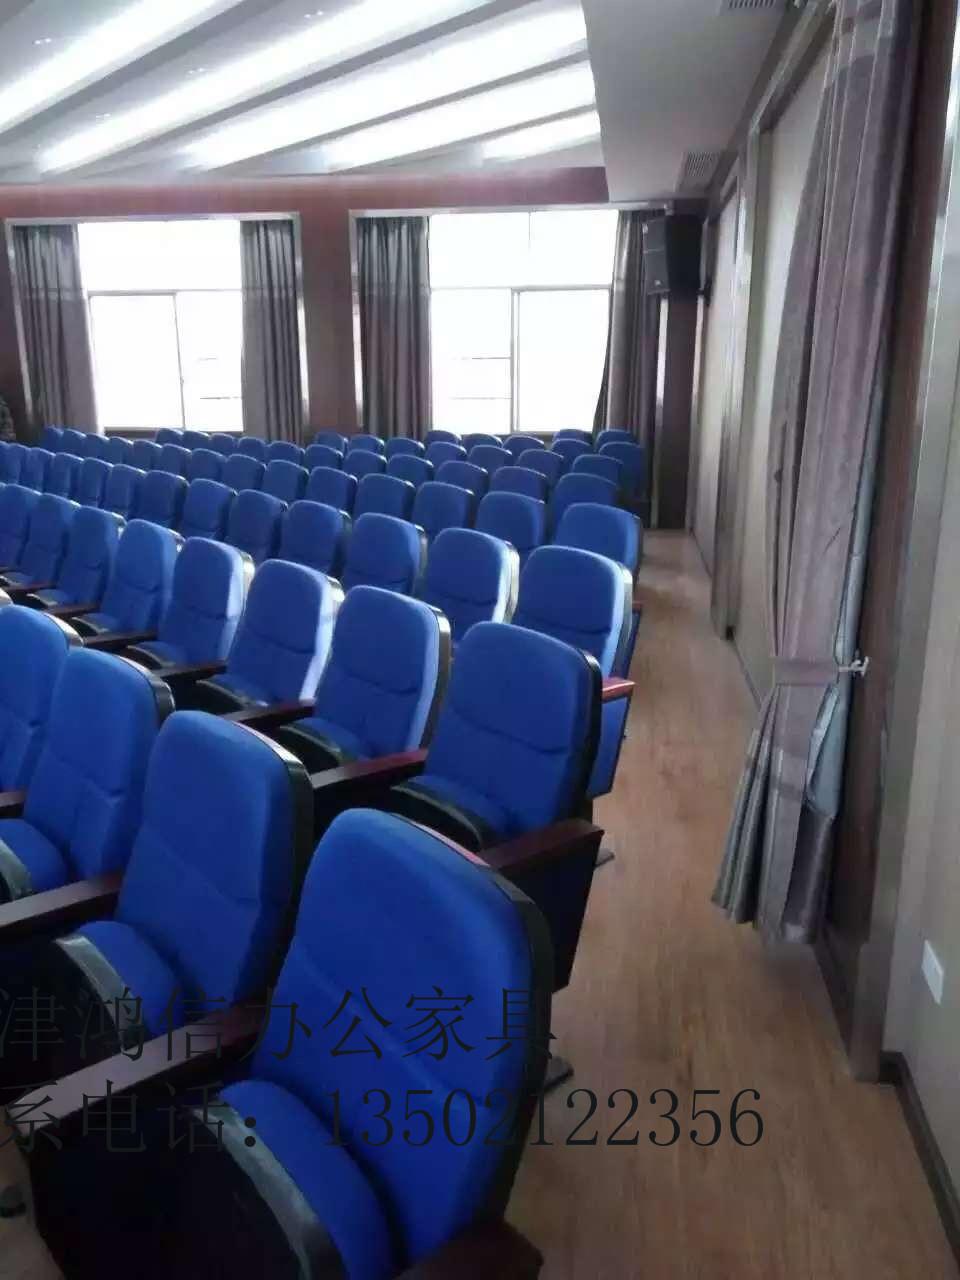 天津市改进课桌椅、课桌椅家用、天津课桌椅批发供应